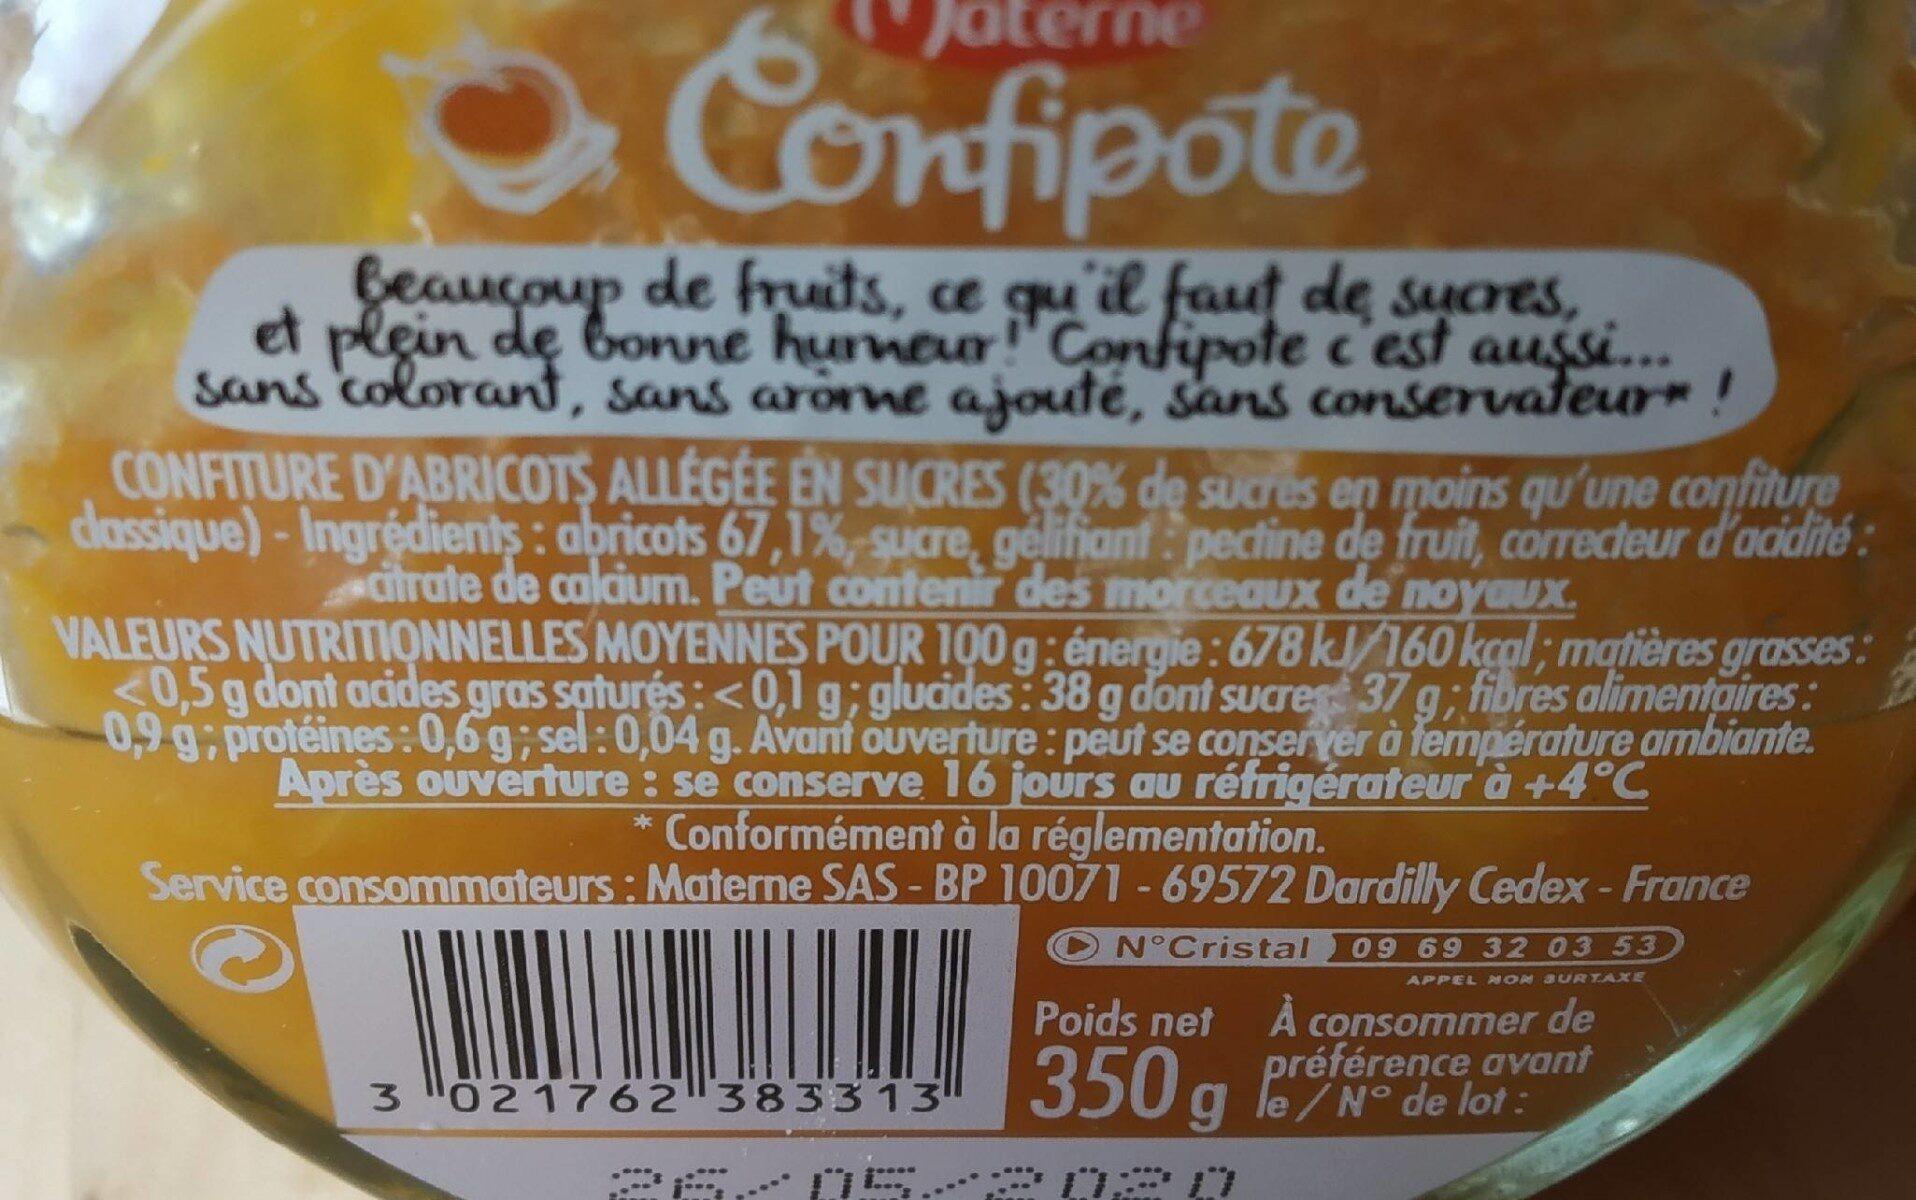 CONFIPOTE L'abricot - Valori nutrizionali - fr